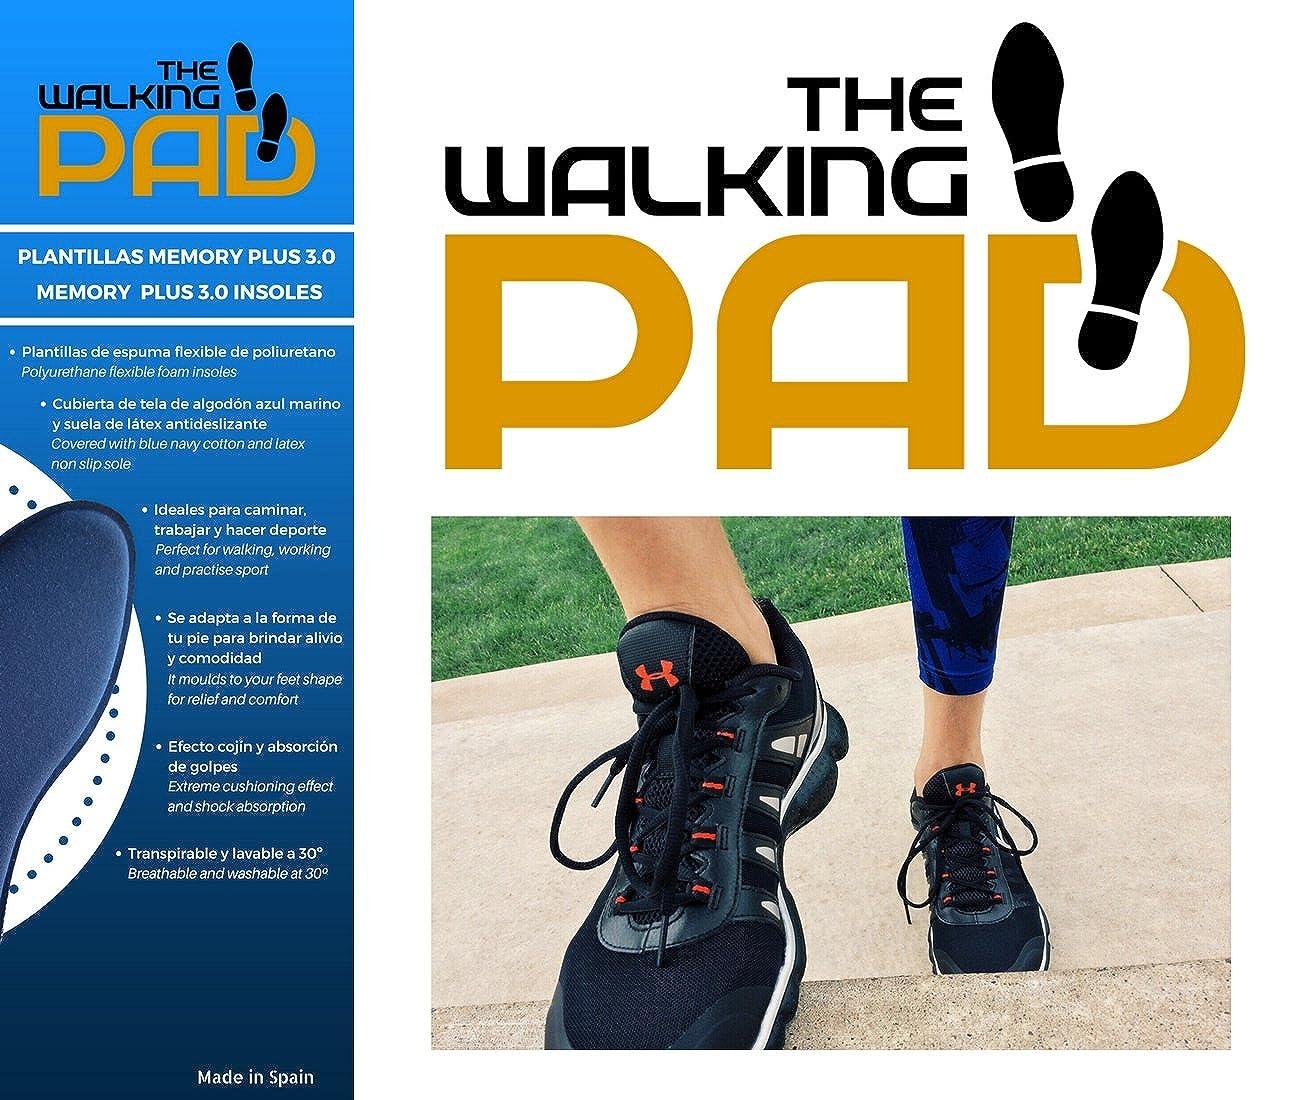 THE WALKING PAD - Plantilllas Memory Plus 3.0 de espuma flexible de poliuretano, cubiertas de tela de algodón azul marino y suela de látex antideslizante.